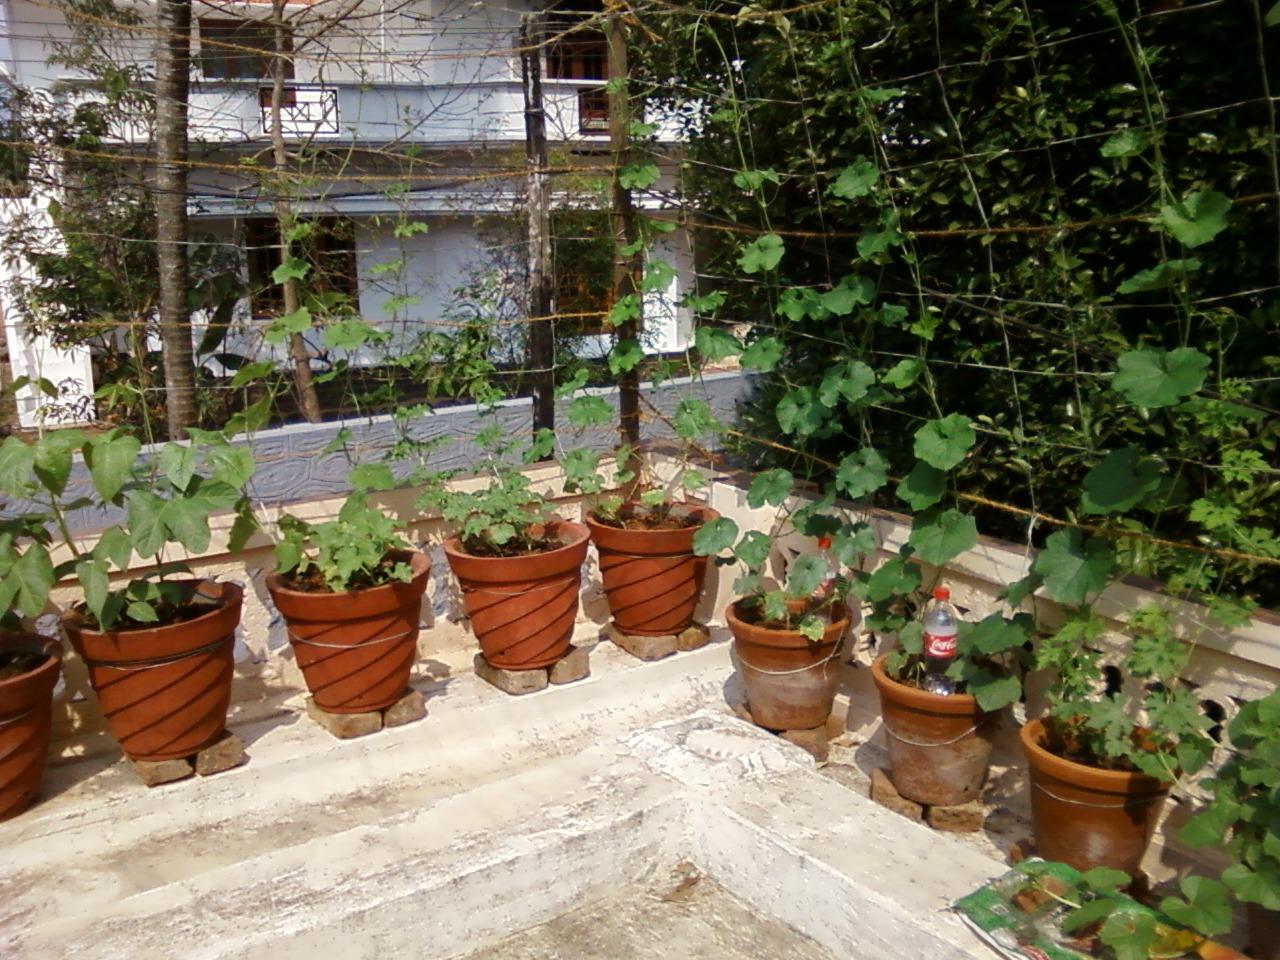 Teen's Kitchen Garden: Terrace kitchen garden I